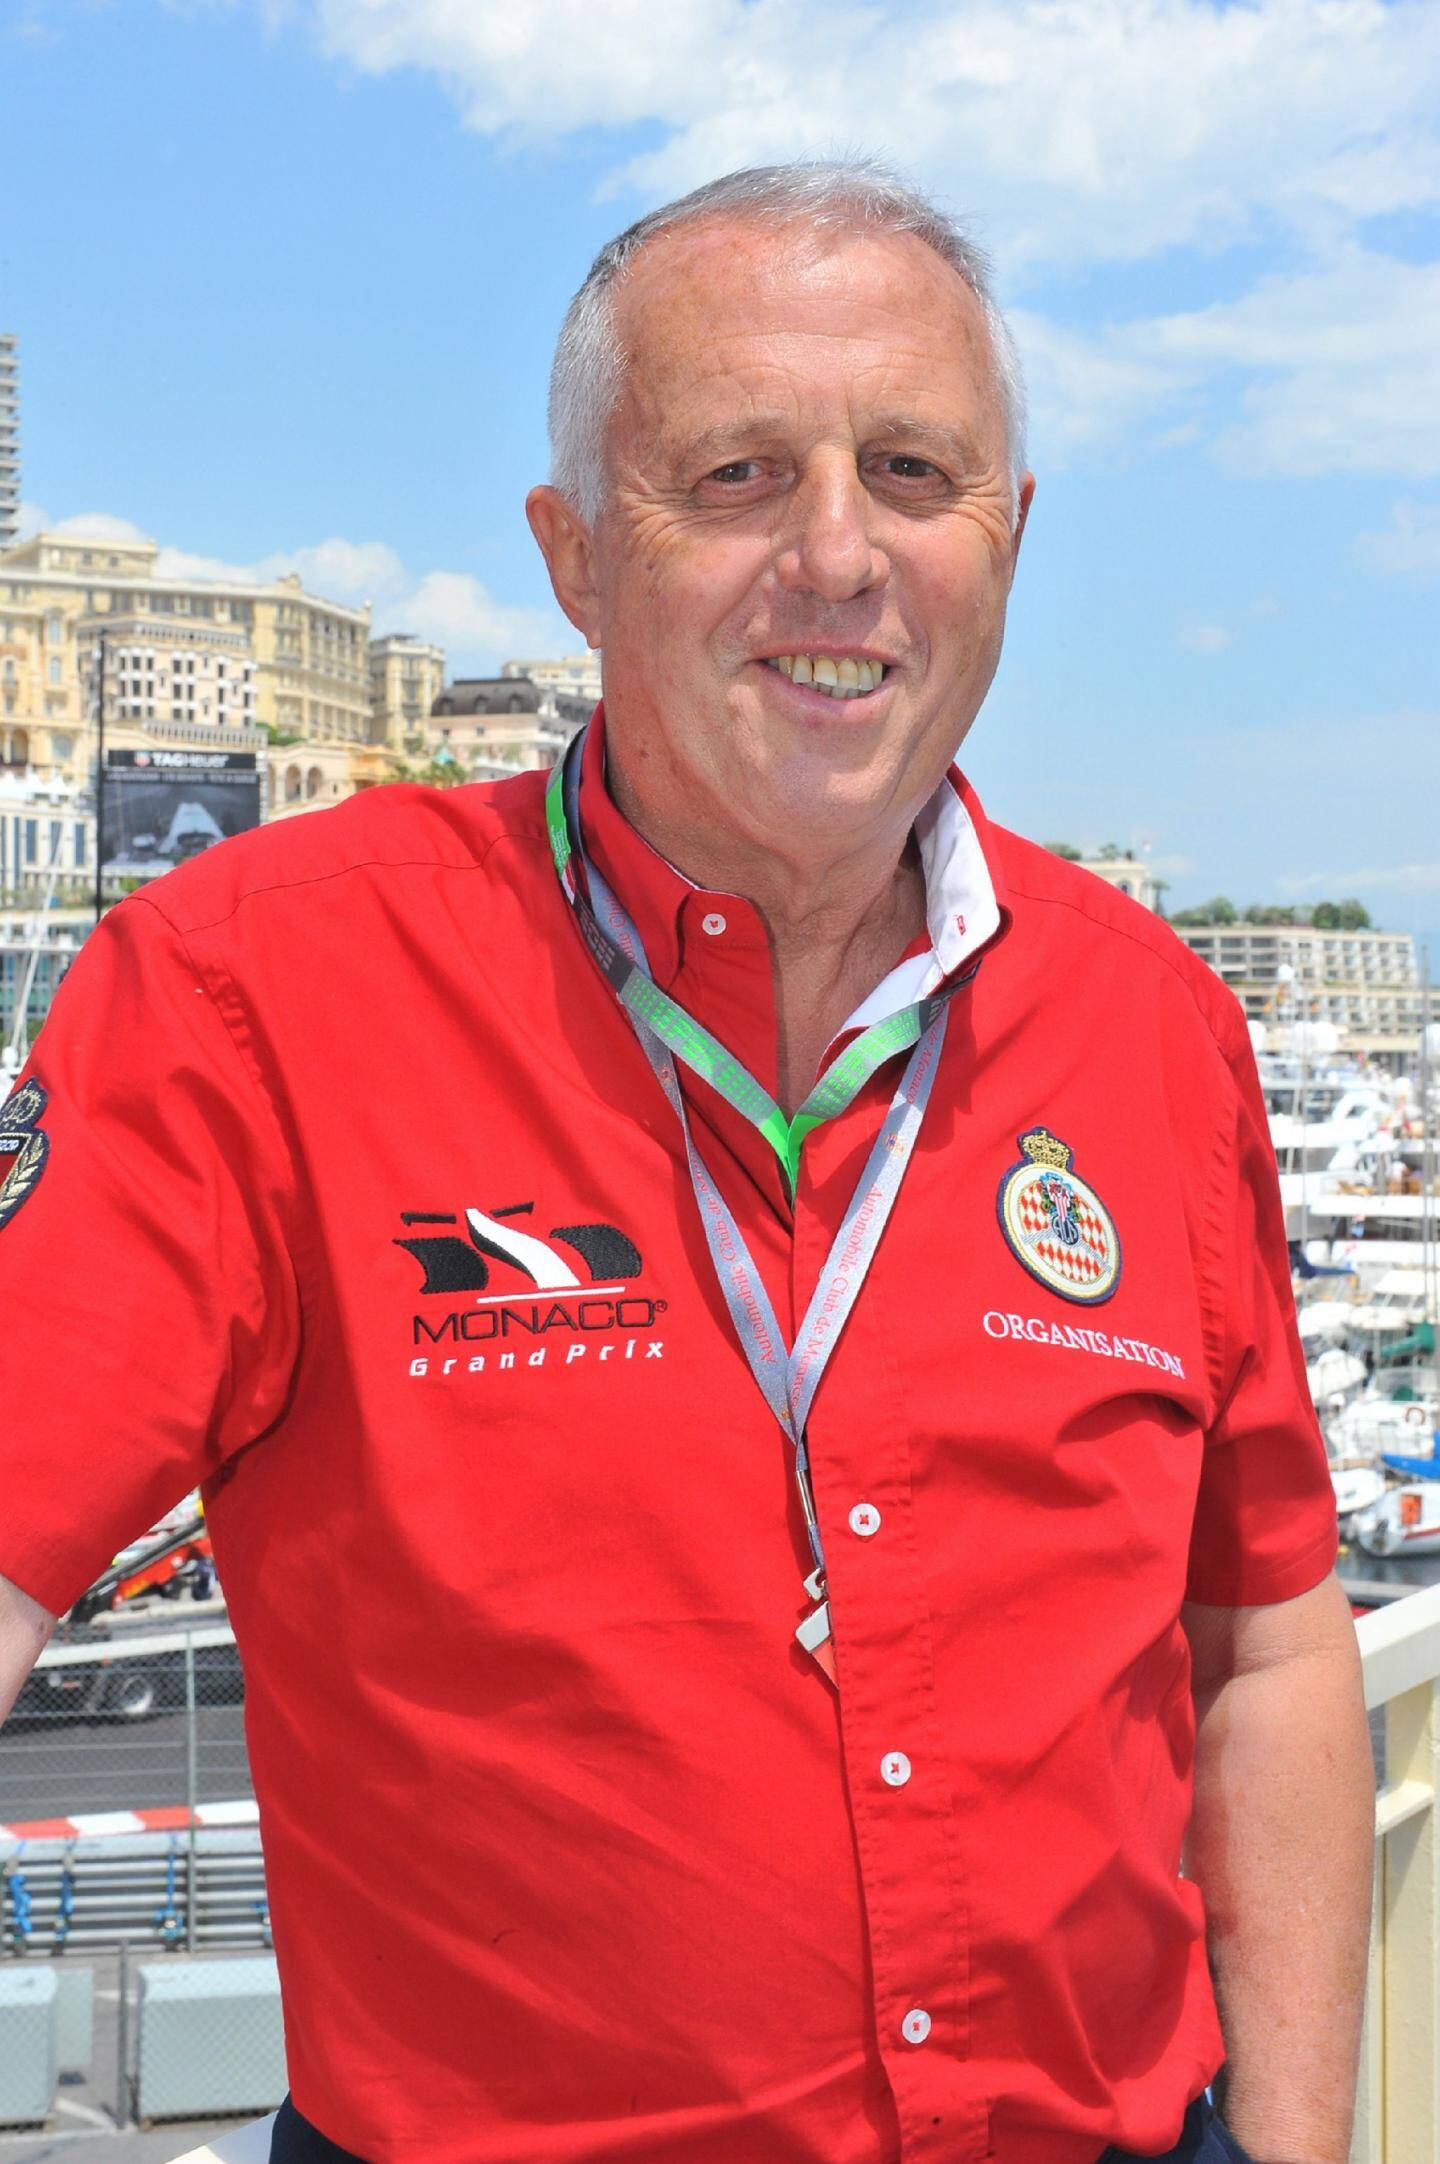 Jean-Michel Matas est commissaire général adjoint du rallye. Lors des épreuves, il prend le volant d'une des voitures ouvreuses (ci-dessus) pour parcourir la spéciale avant les pilotes et s'assurer que tout est en place.